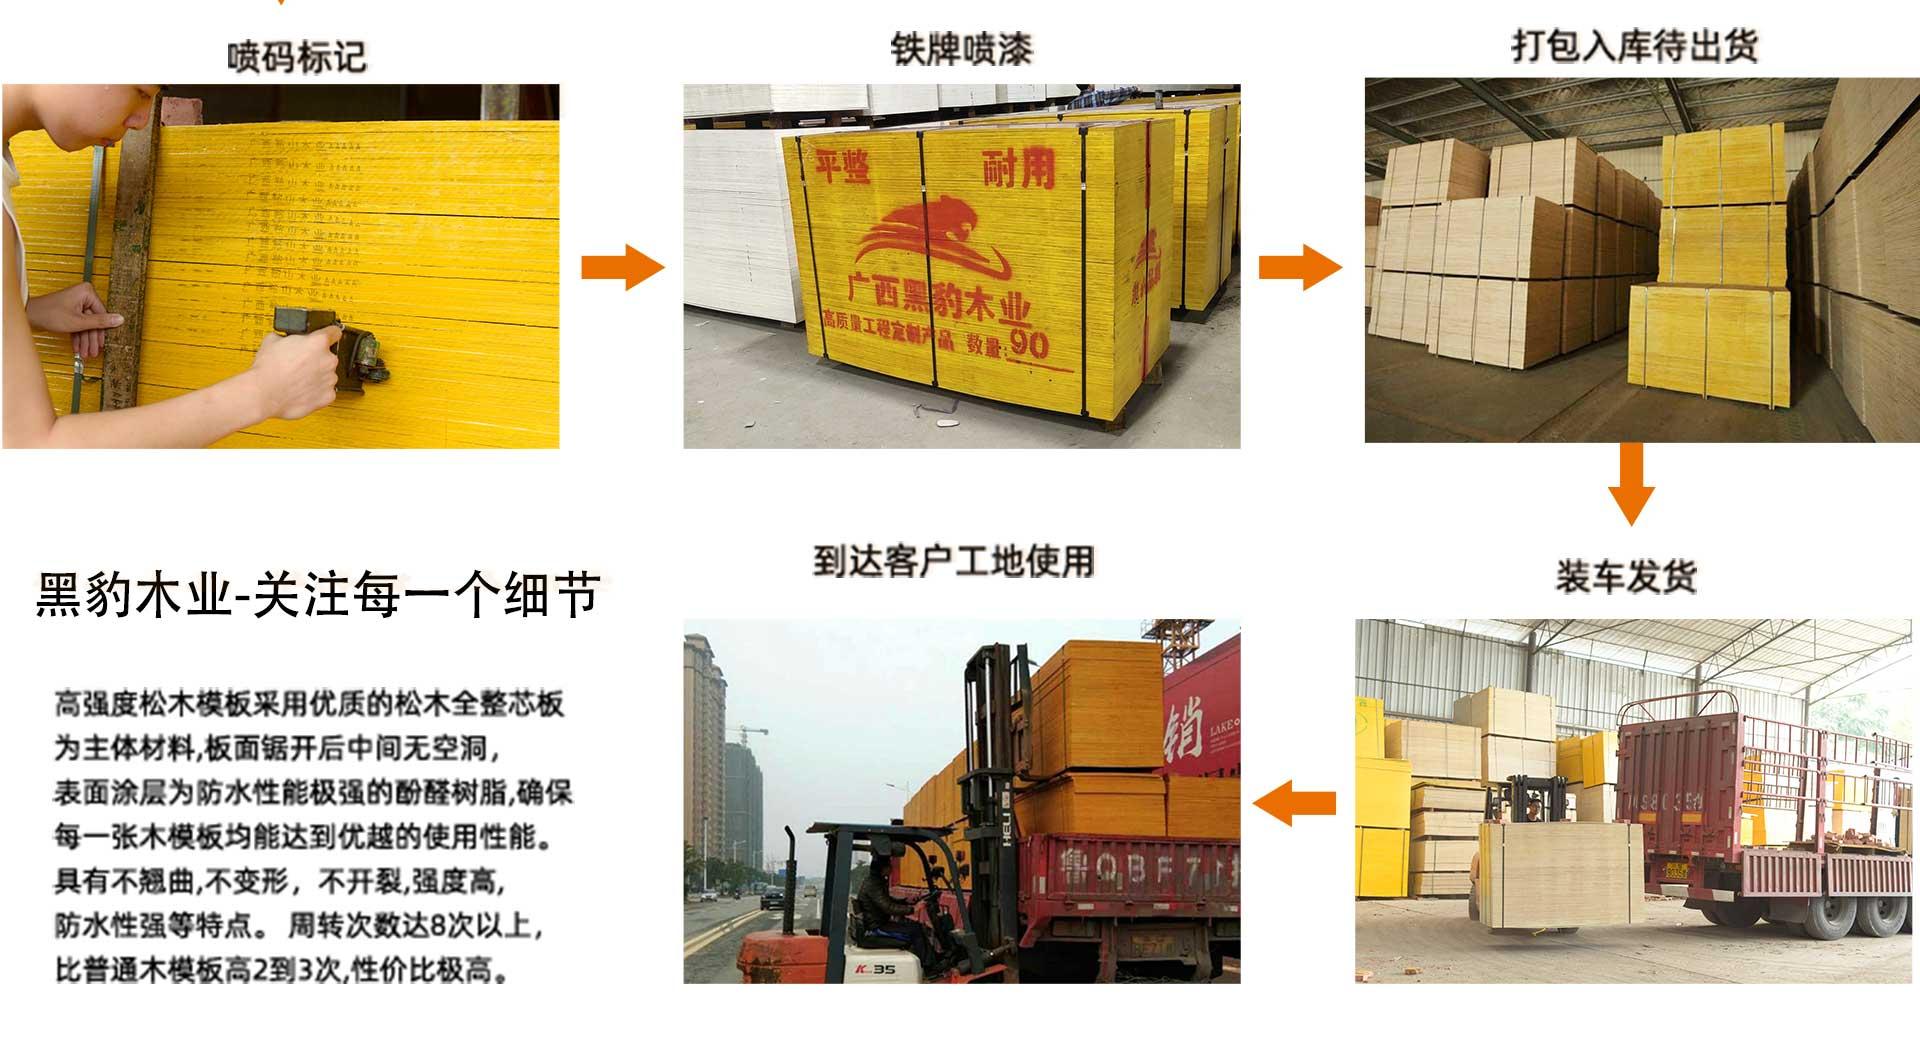 建筑模板生产-建筑木模板生产线流程图